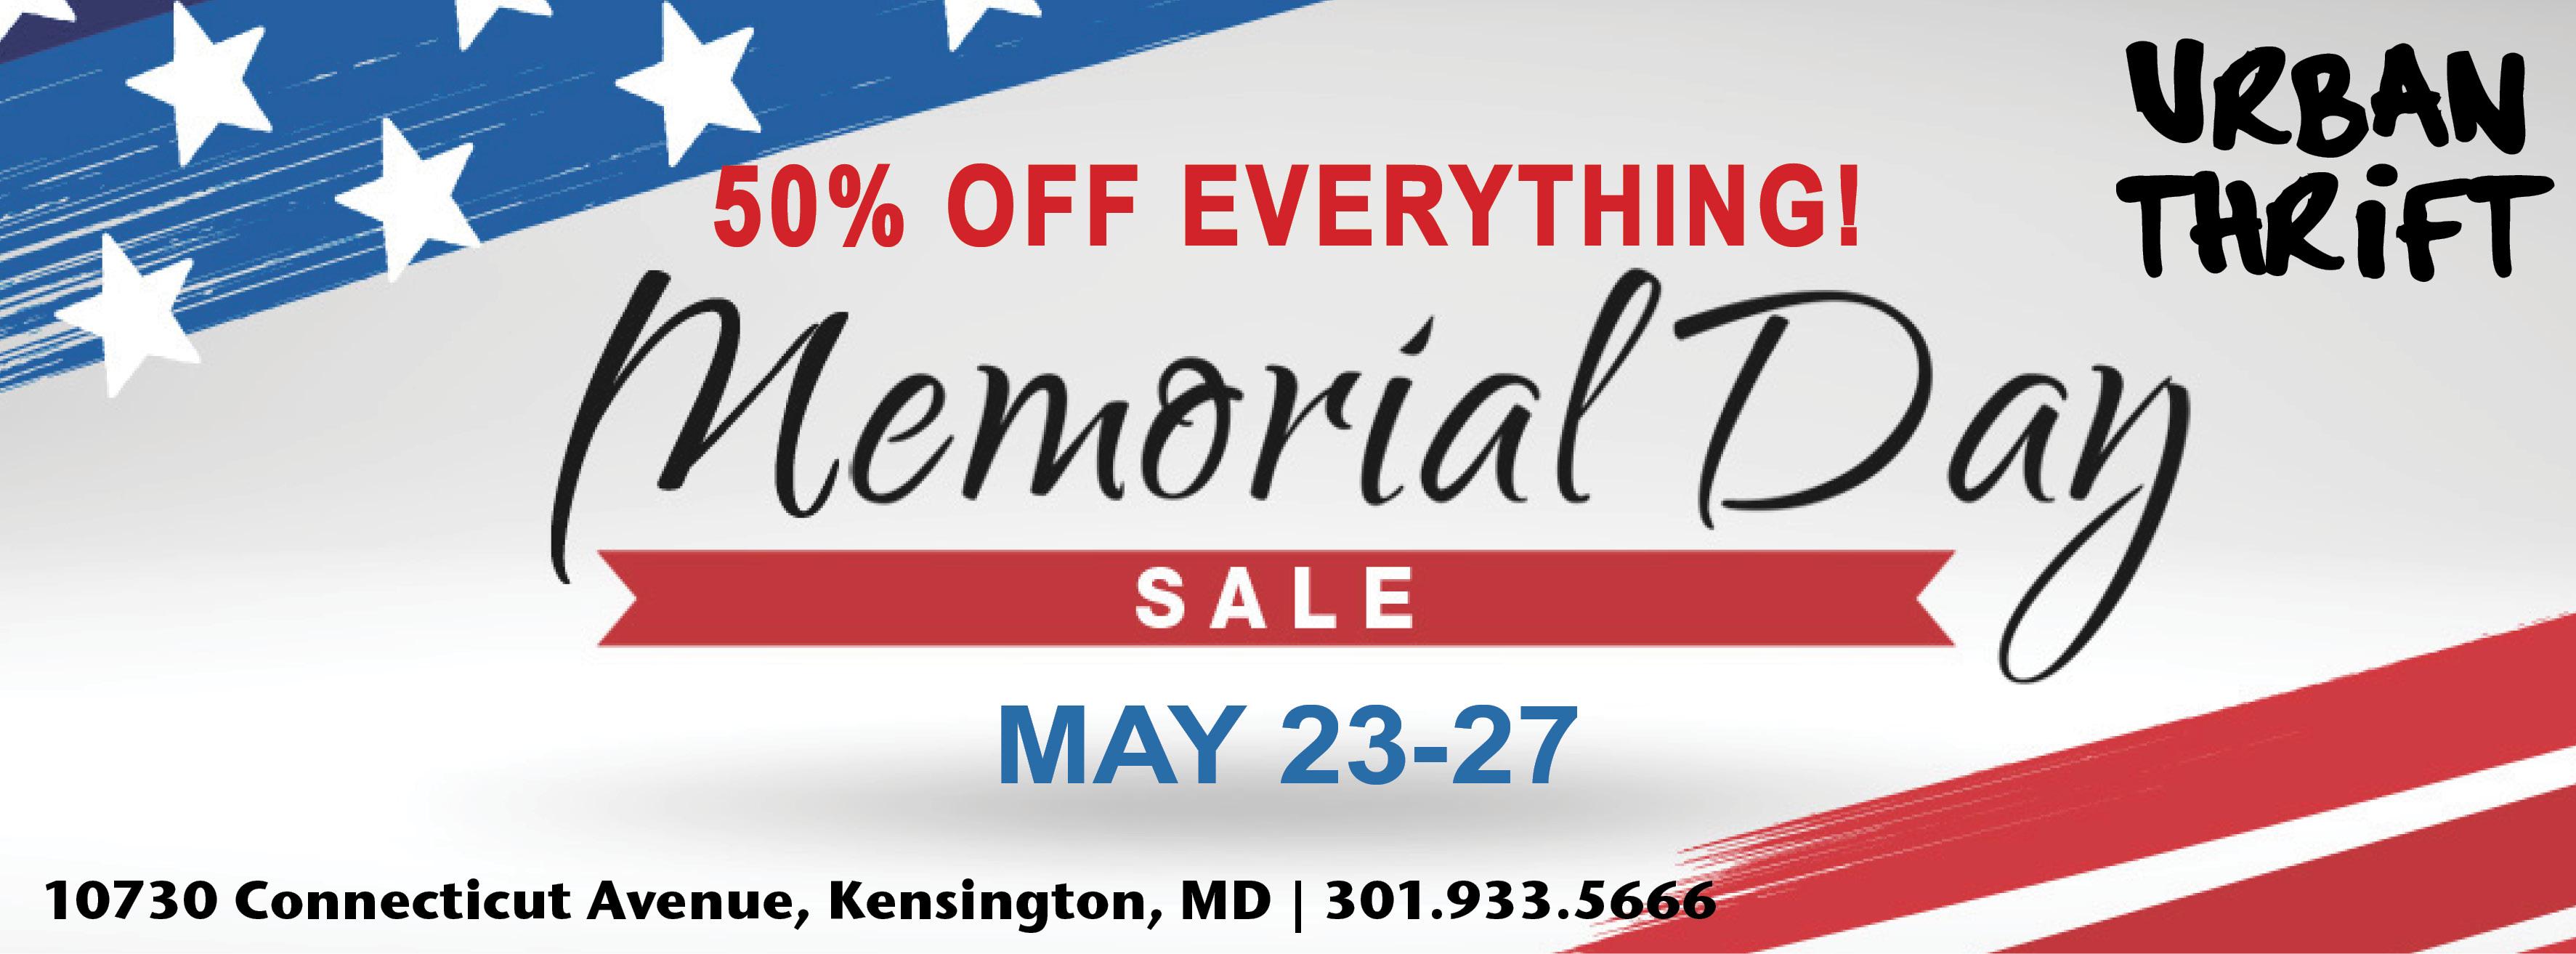 Urban Thrift – Memorial Day Sale